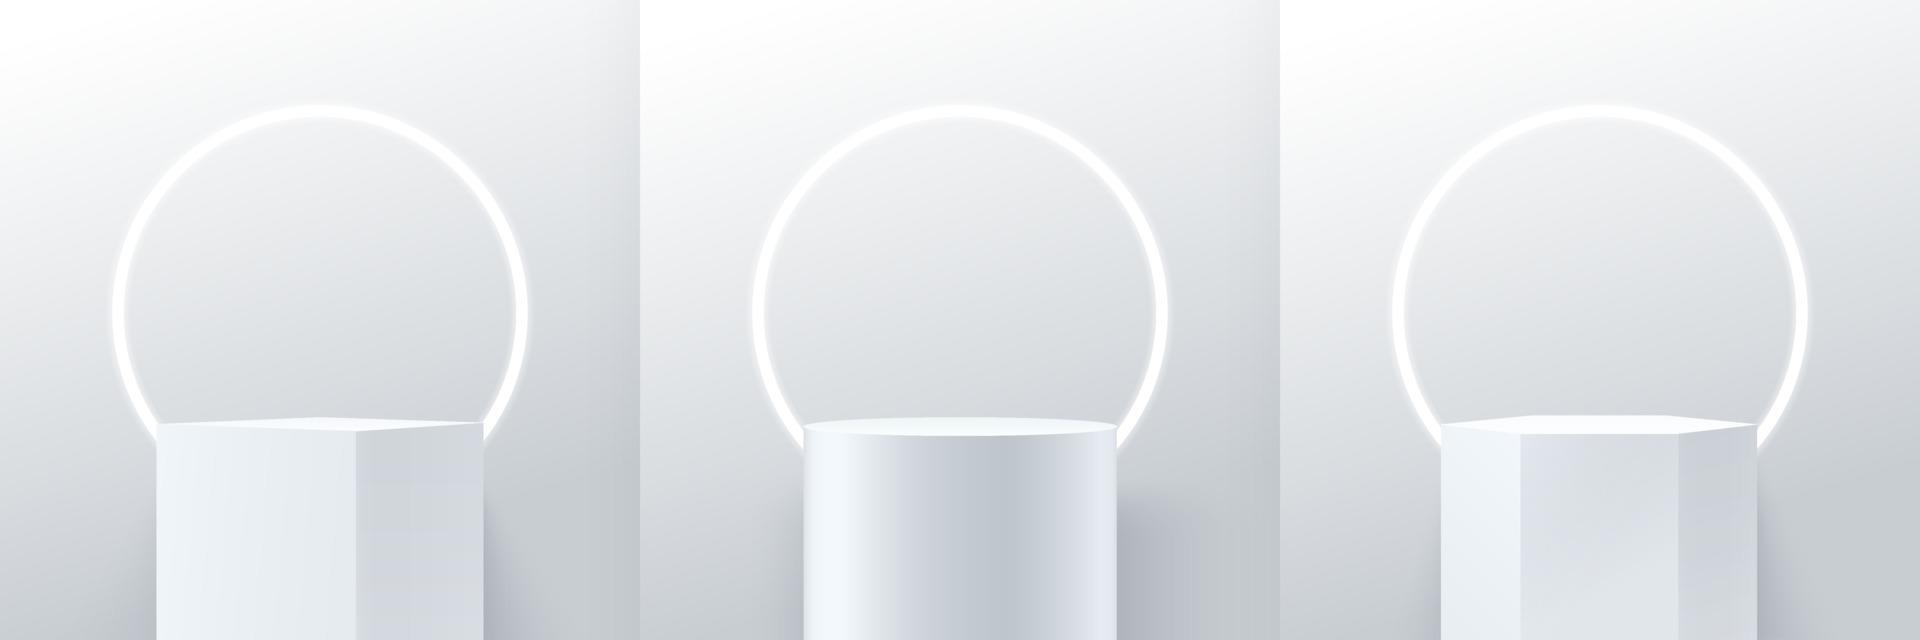 ensemble de cube abstrait rond et affichage hexagonal pour produit sur site Web au design moderne. rendu de fond avec podium et scène de mur de texture minimale, rendu 3d forme géométrique couleur gris blanc. vecteur